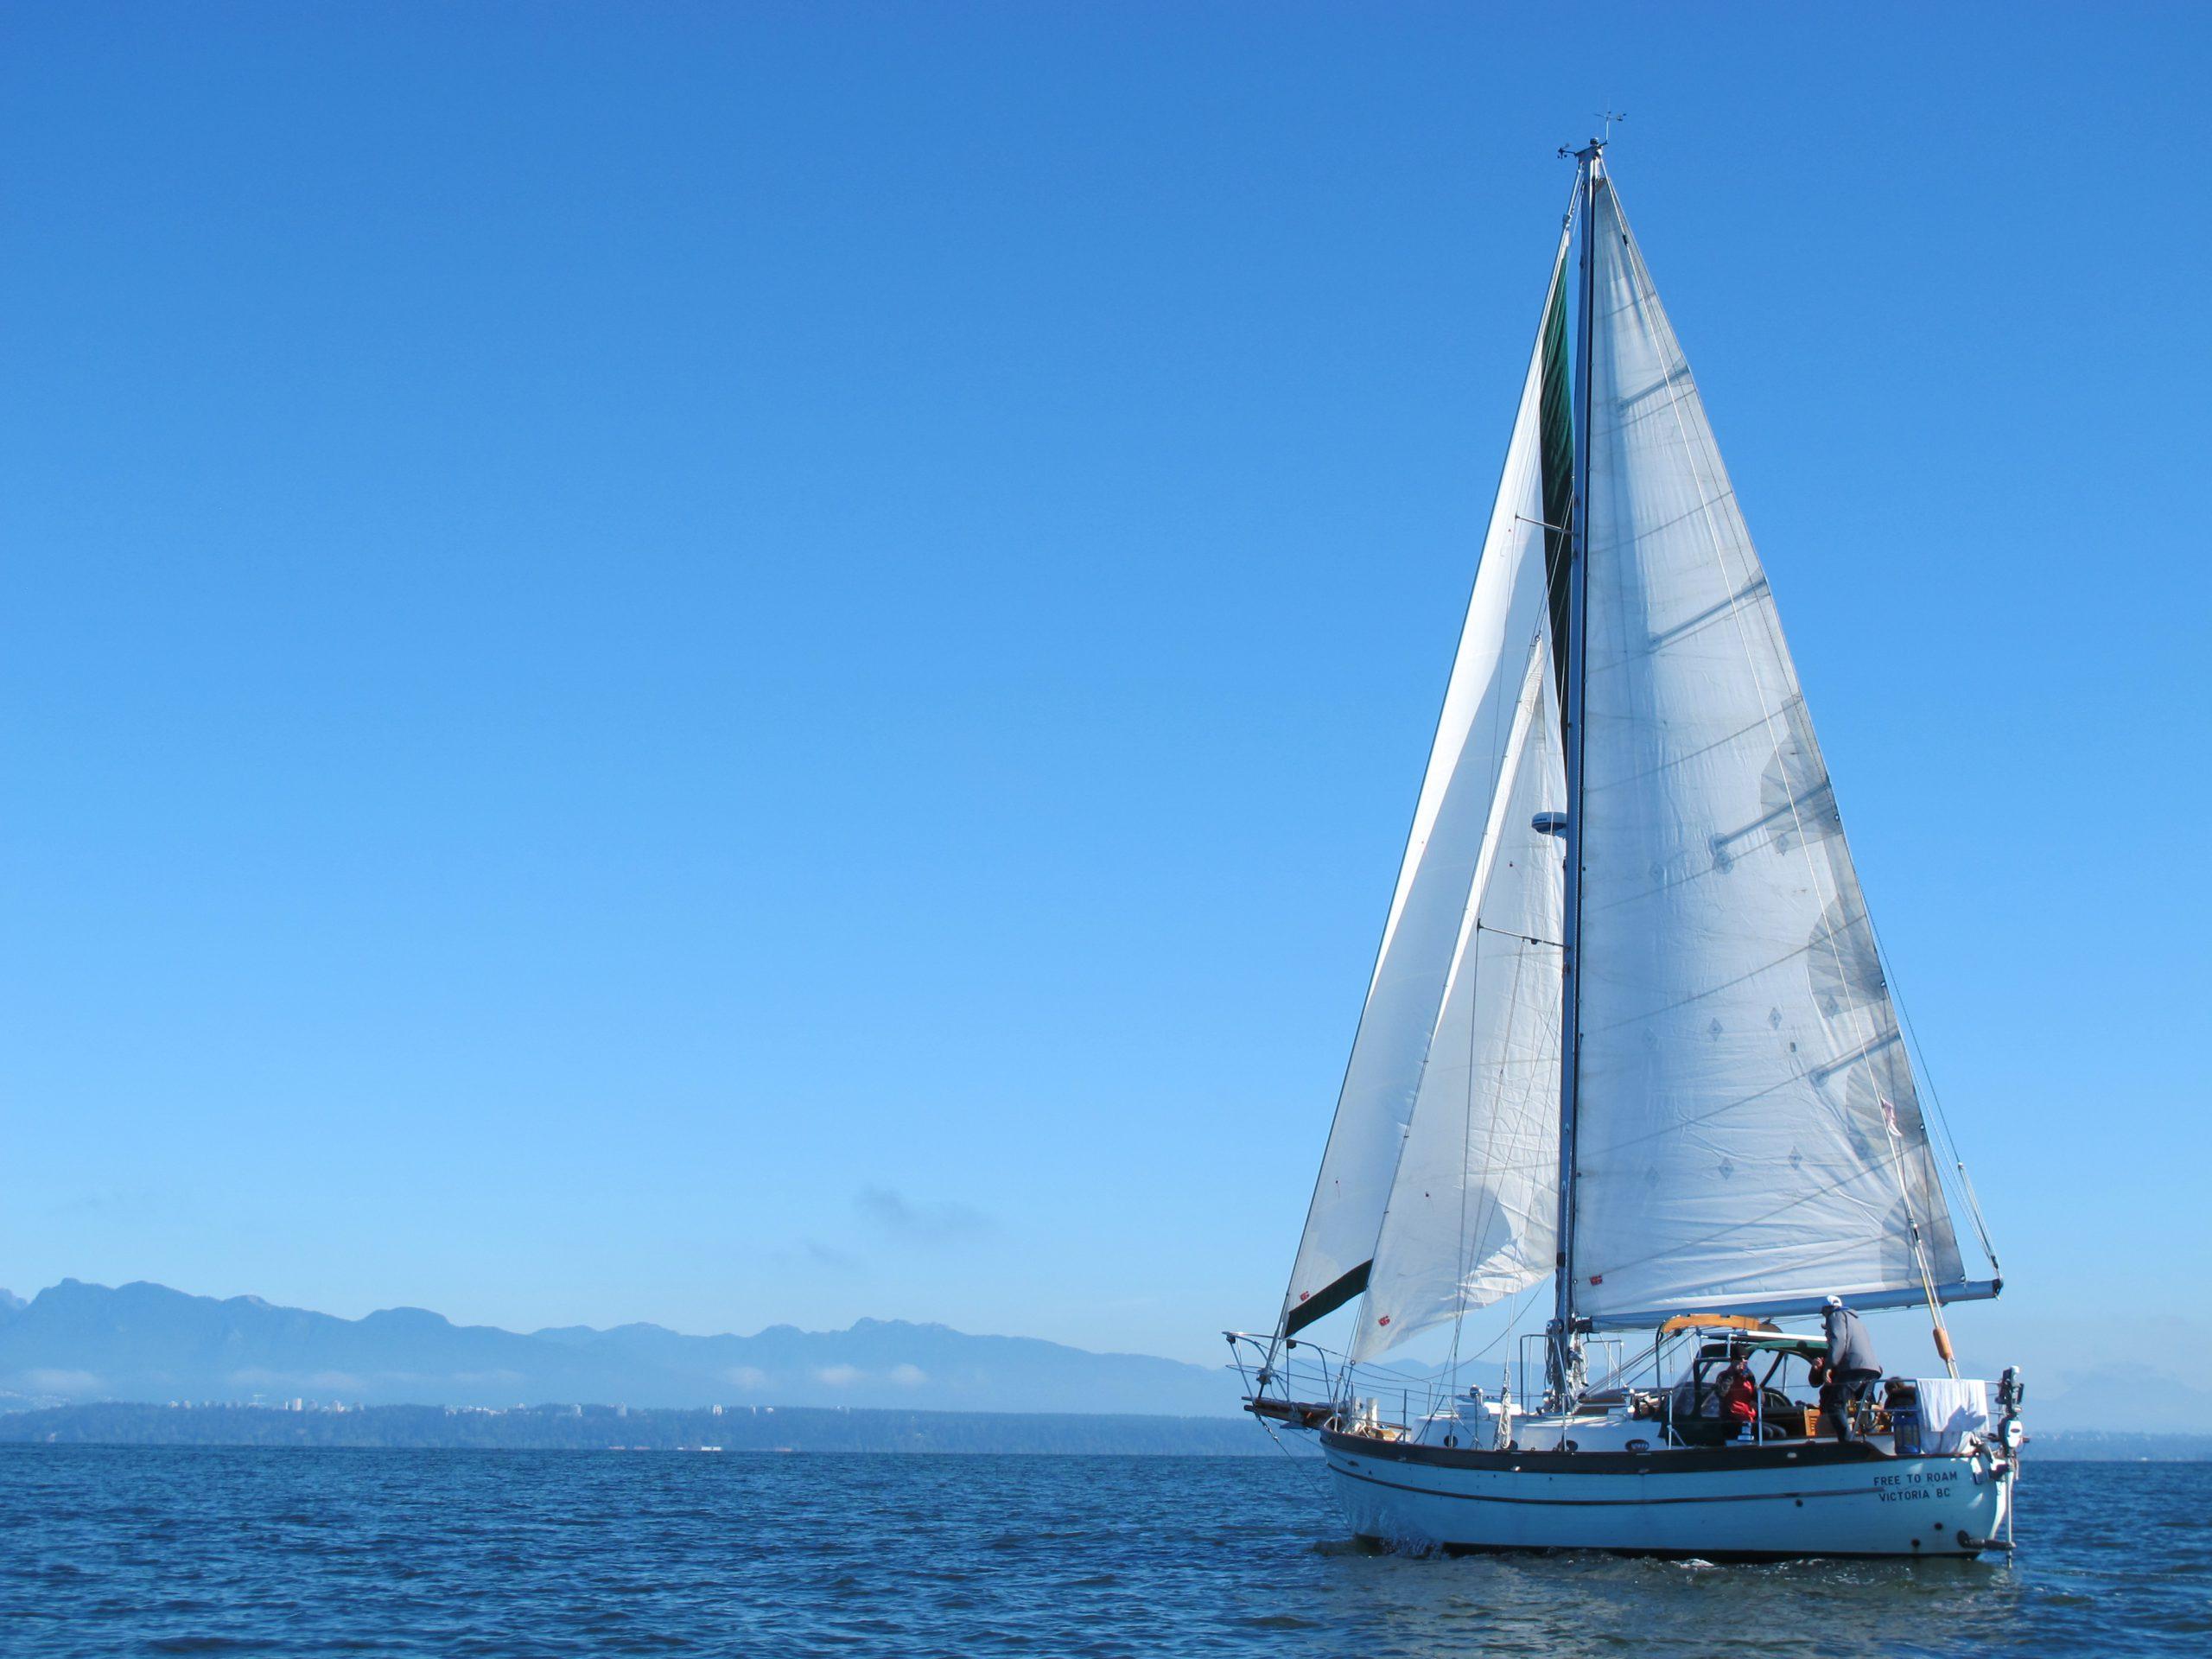 Leela under sail